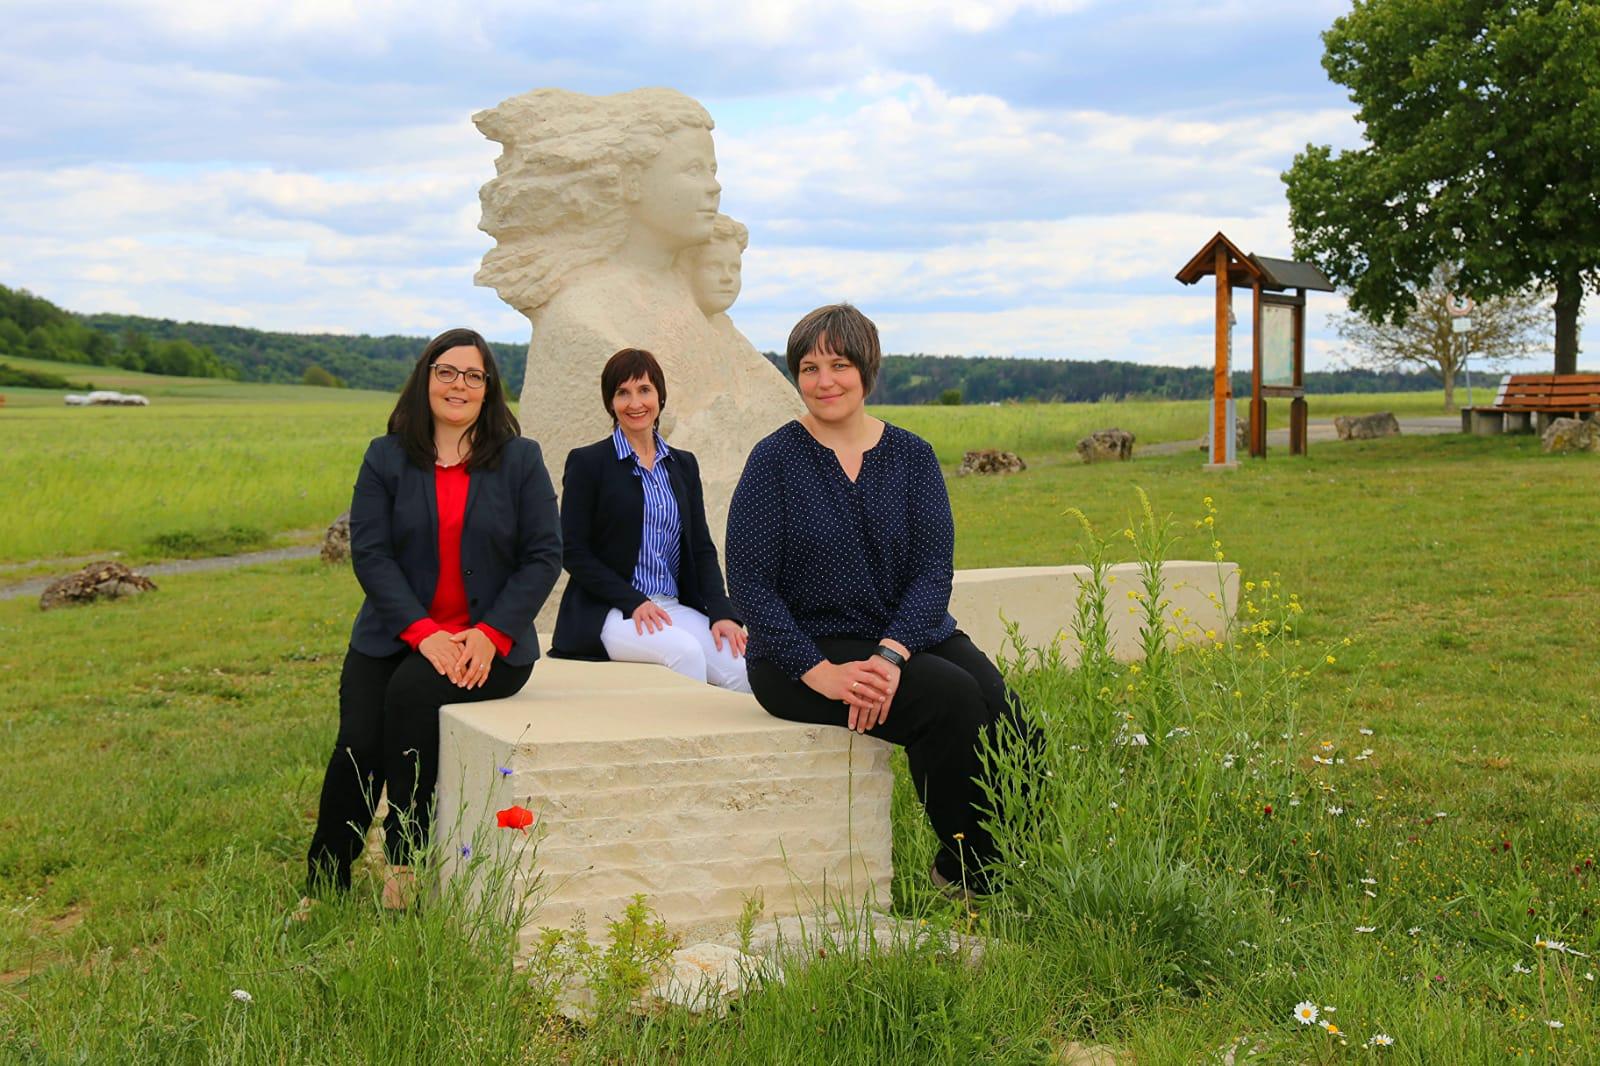 Im Bild von links: Kerstin Hofmann, Ute Hopperdietzel und Patricia Reinhardt